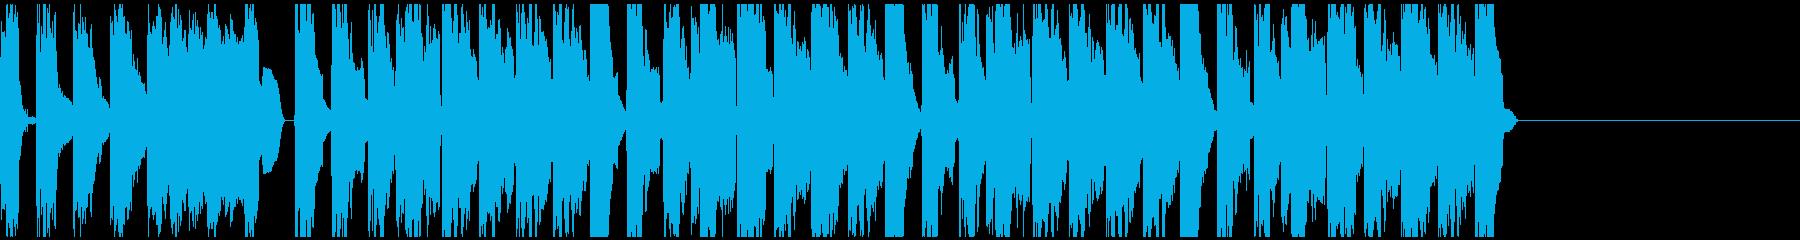 ピコピコEDM(complextro)の再生済みの波形